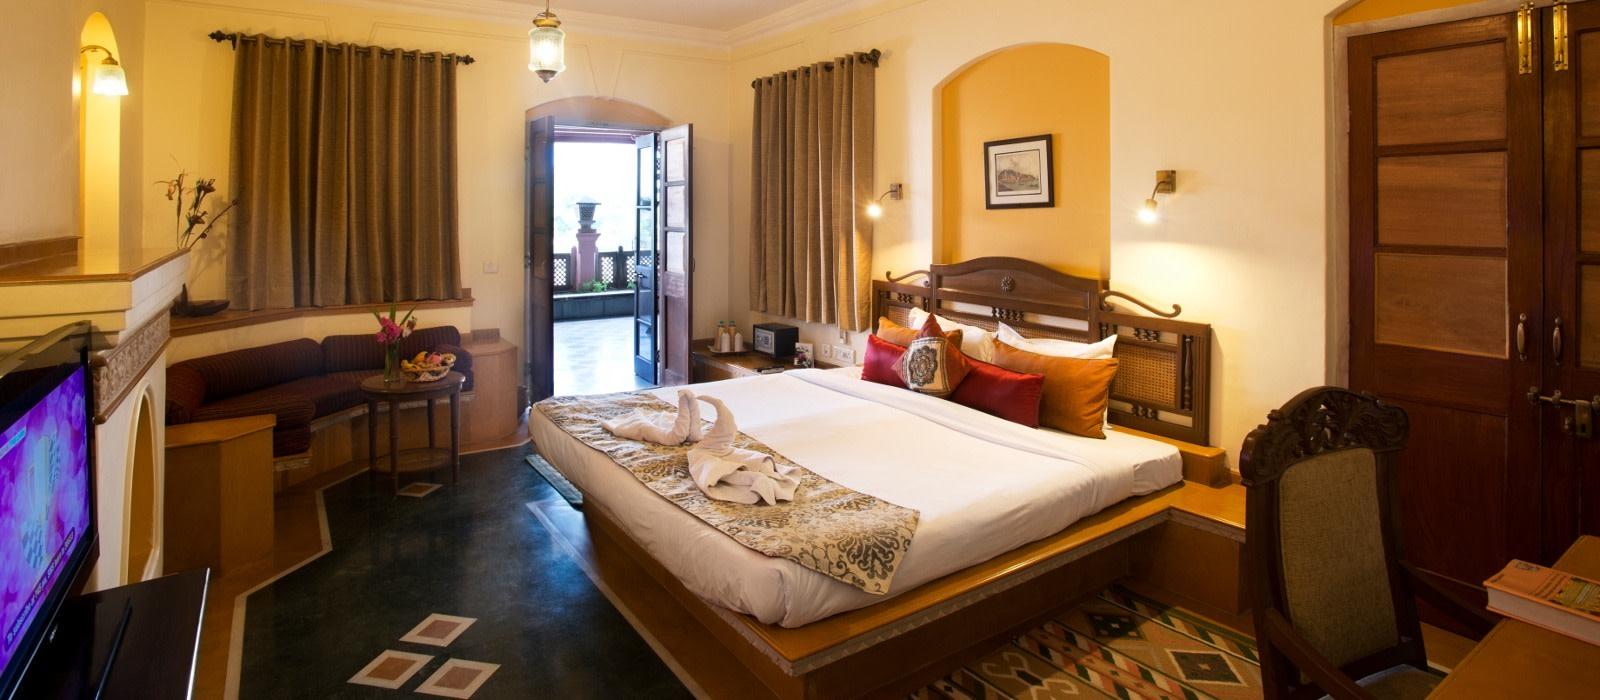 Hotel Haveli Hari Ganga Himalayas